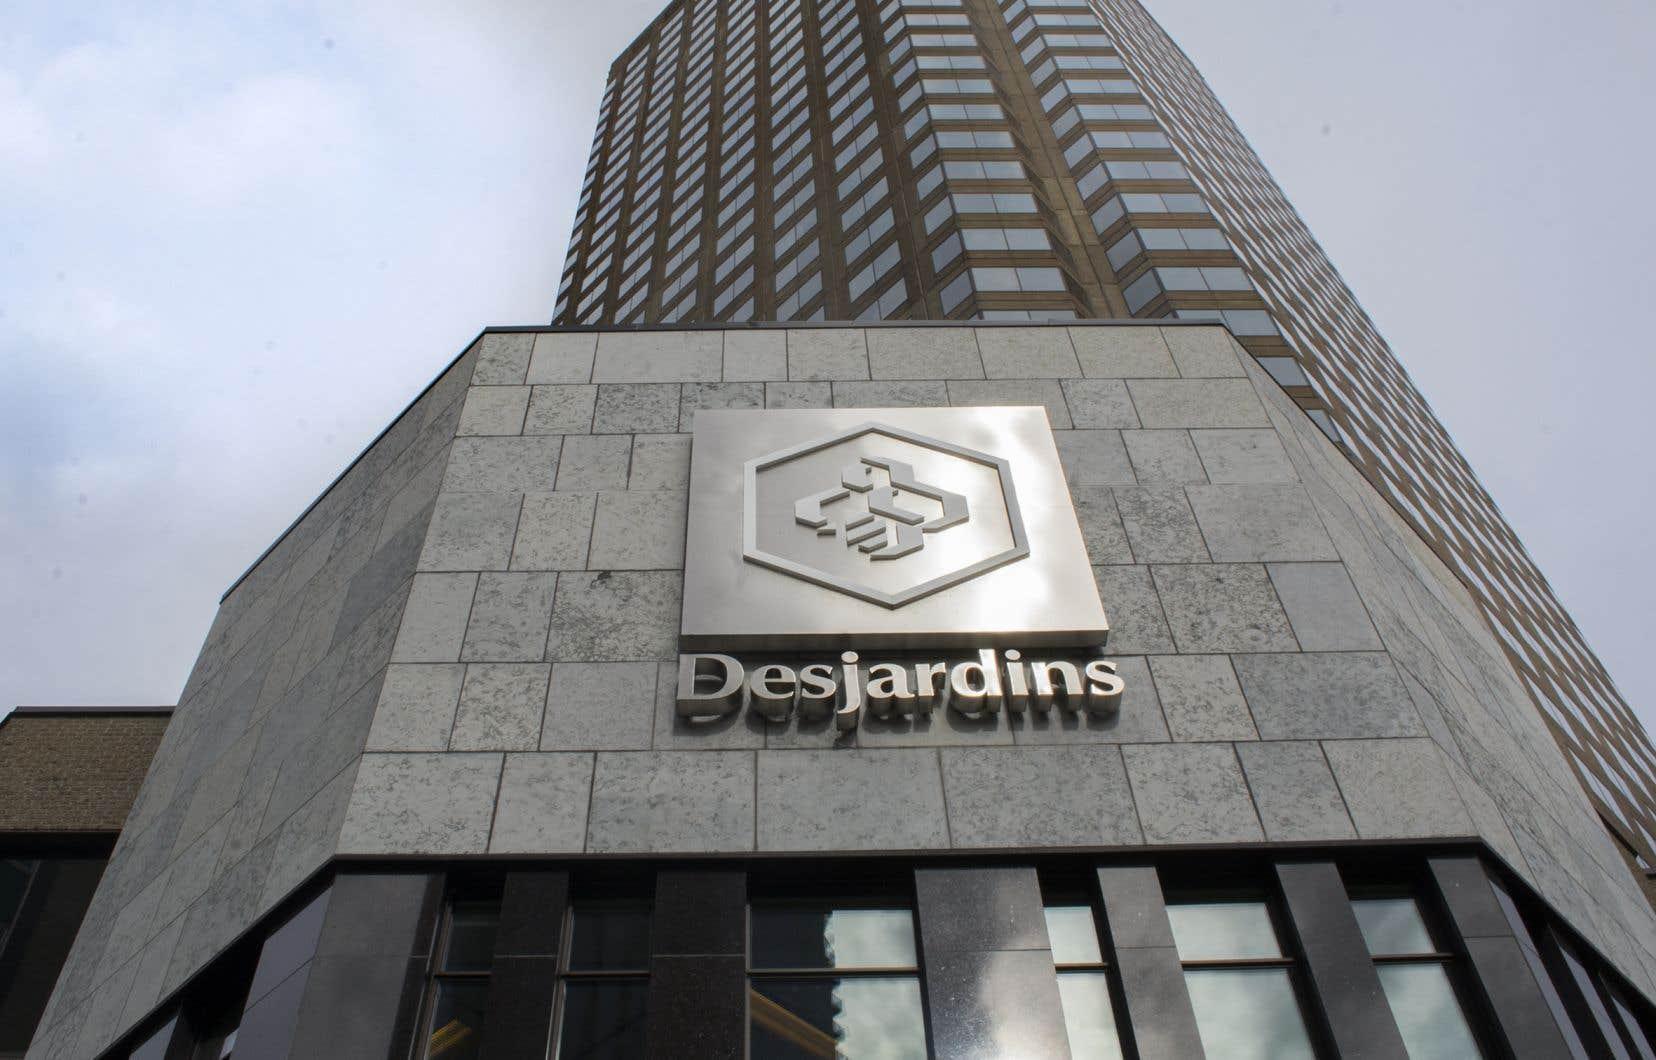 «Si nous manifestons aujourd'hui, c'est parce que nous pensons que Desjardins peut réellement avoir un grand impact. Elle pourrait être la première grande institution financière au Canada à se désinvestir complètement des sables bitumineux», souligne l'auteure.